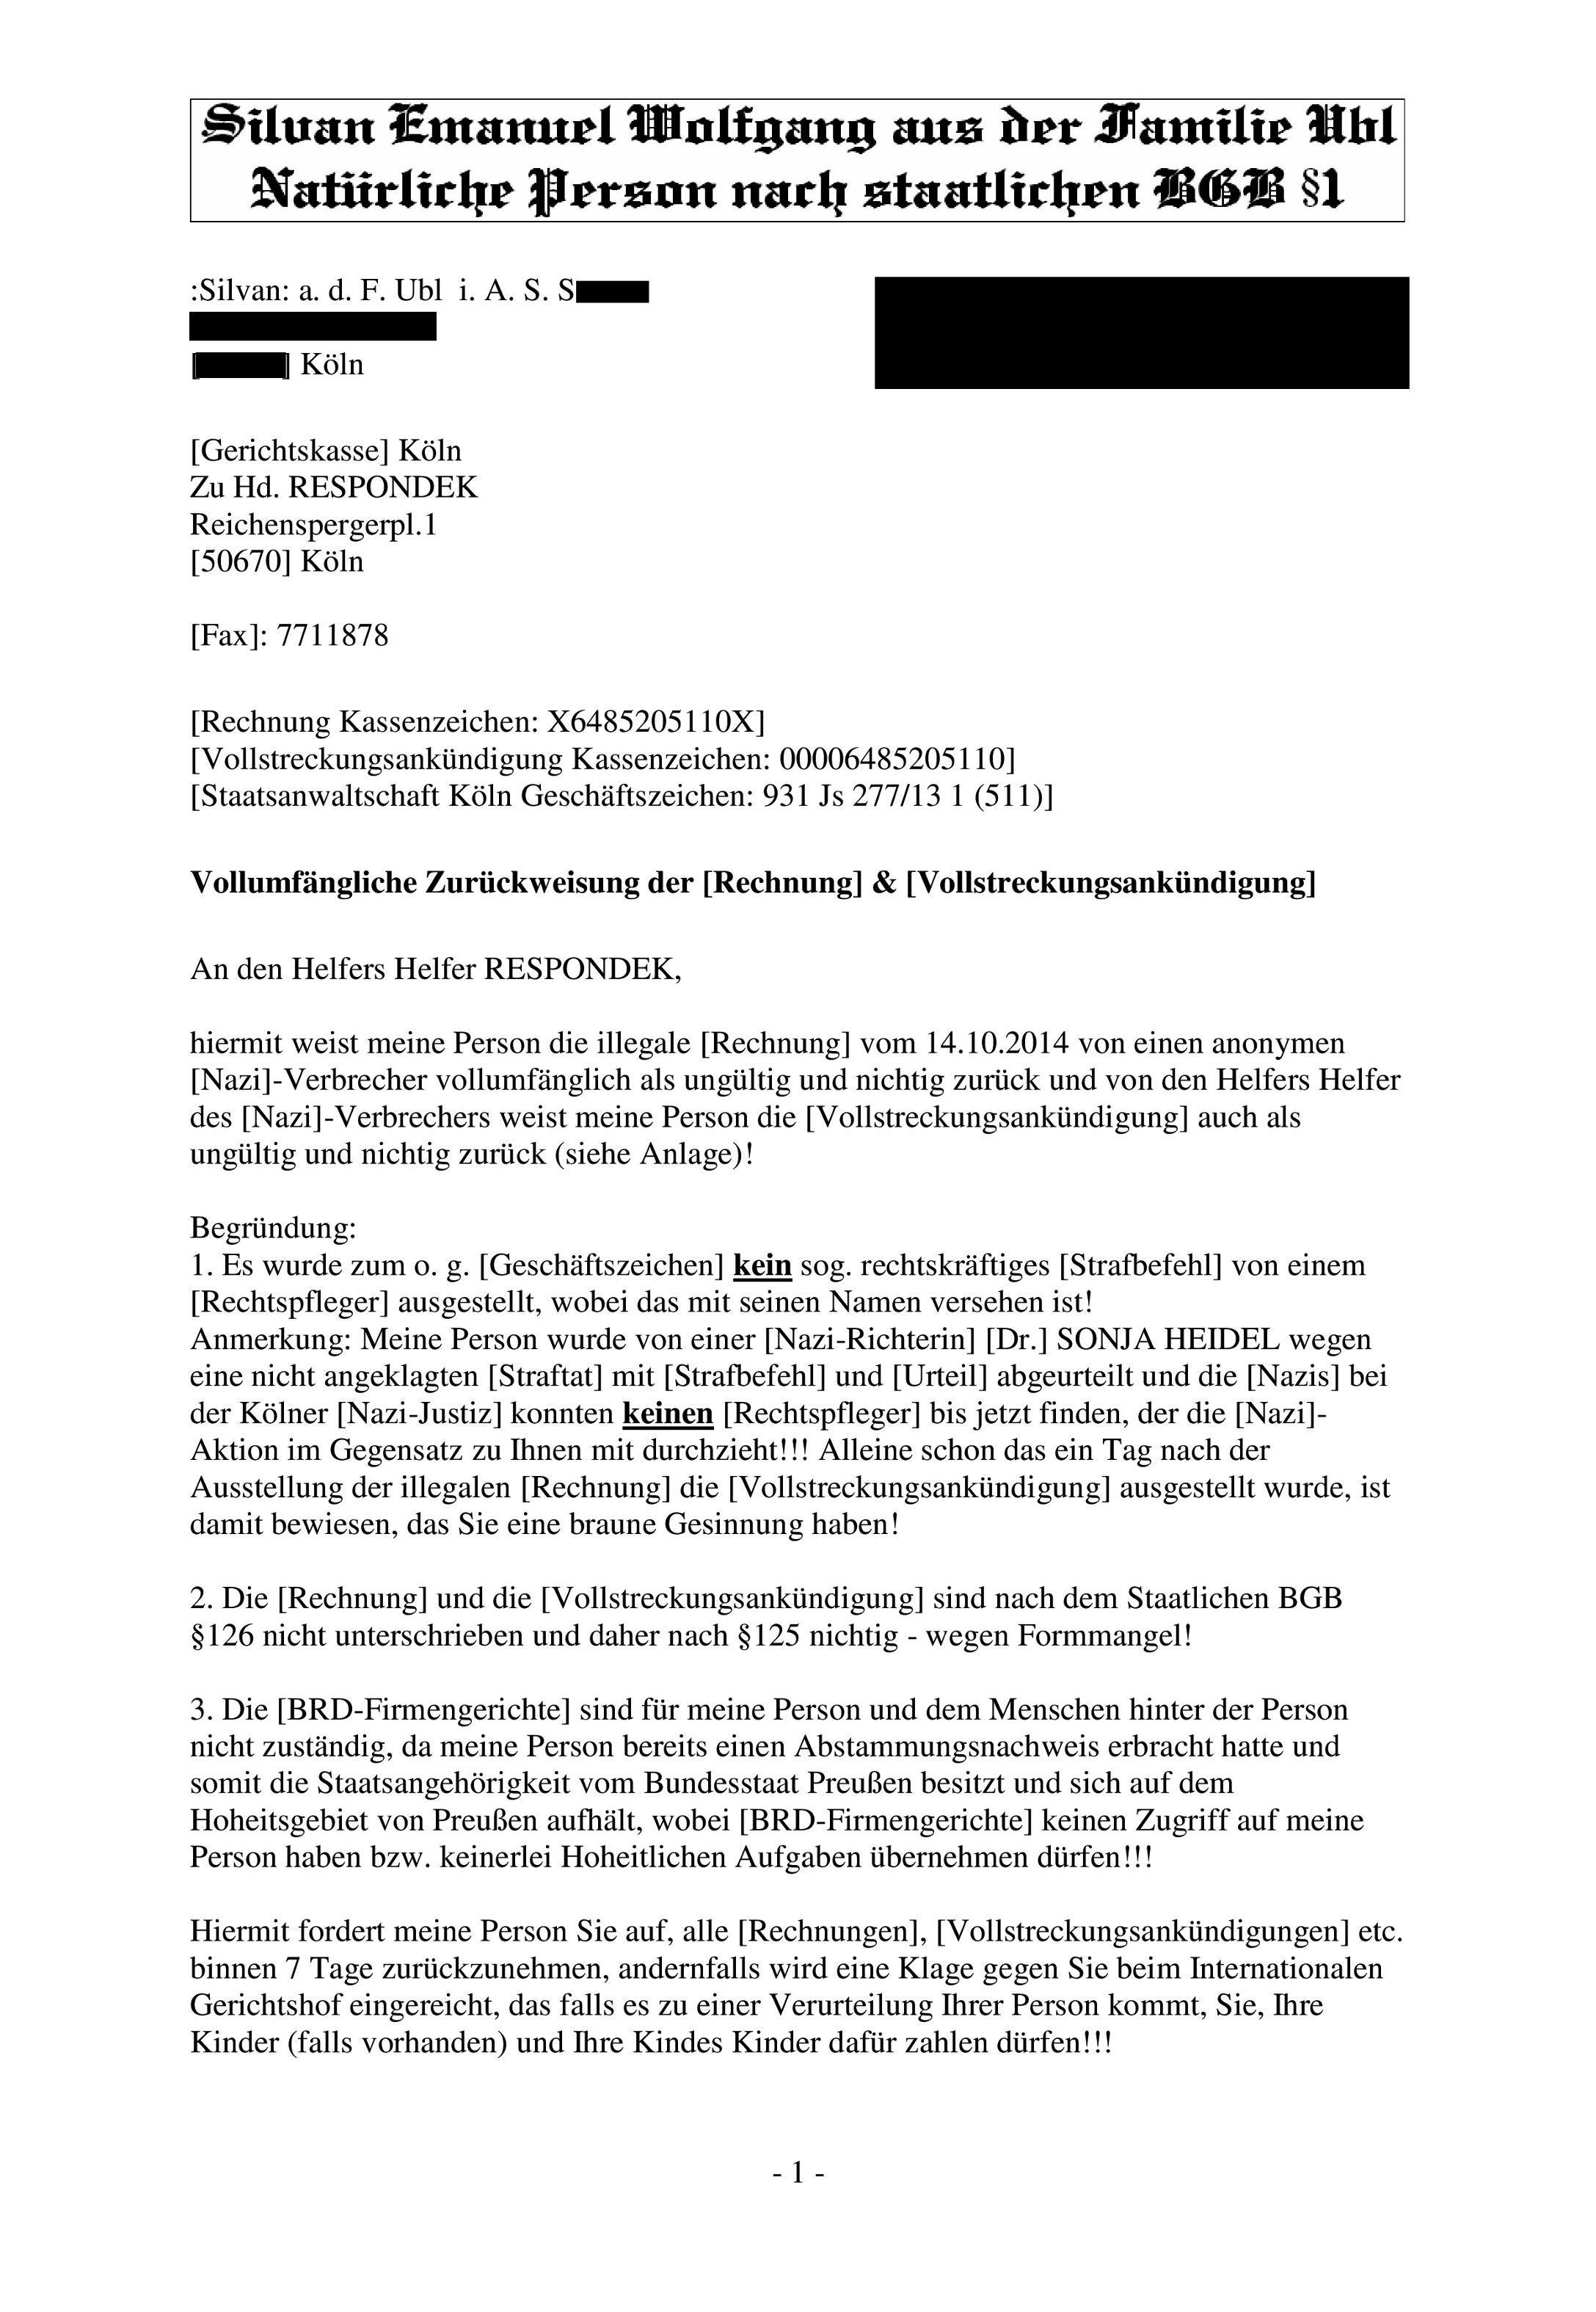 Nazi-Party: Antwortschreiben gegen Gerichtskasse Köln wegen ...